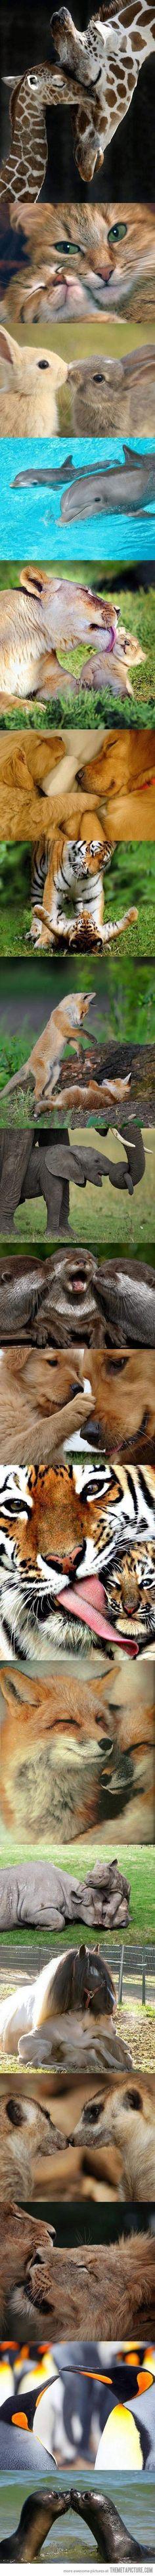 Cute Overload!